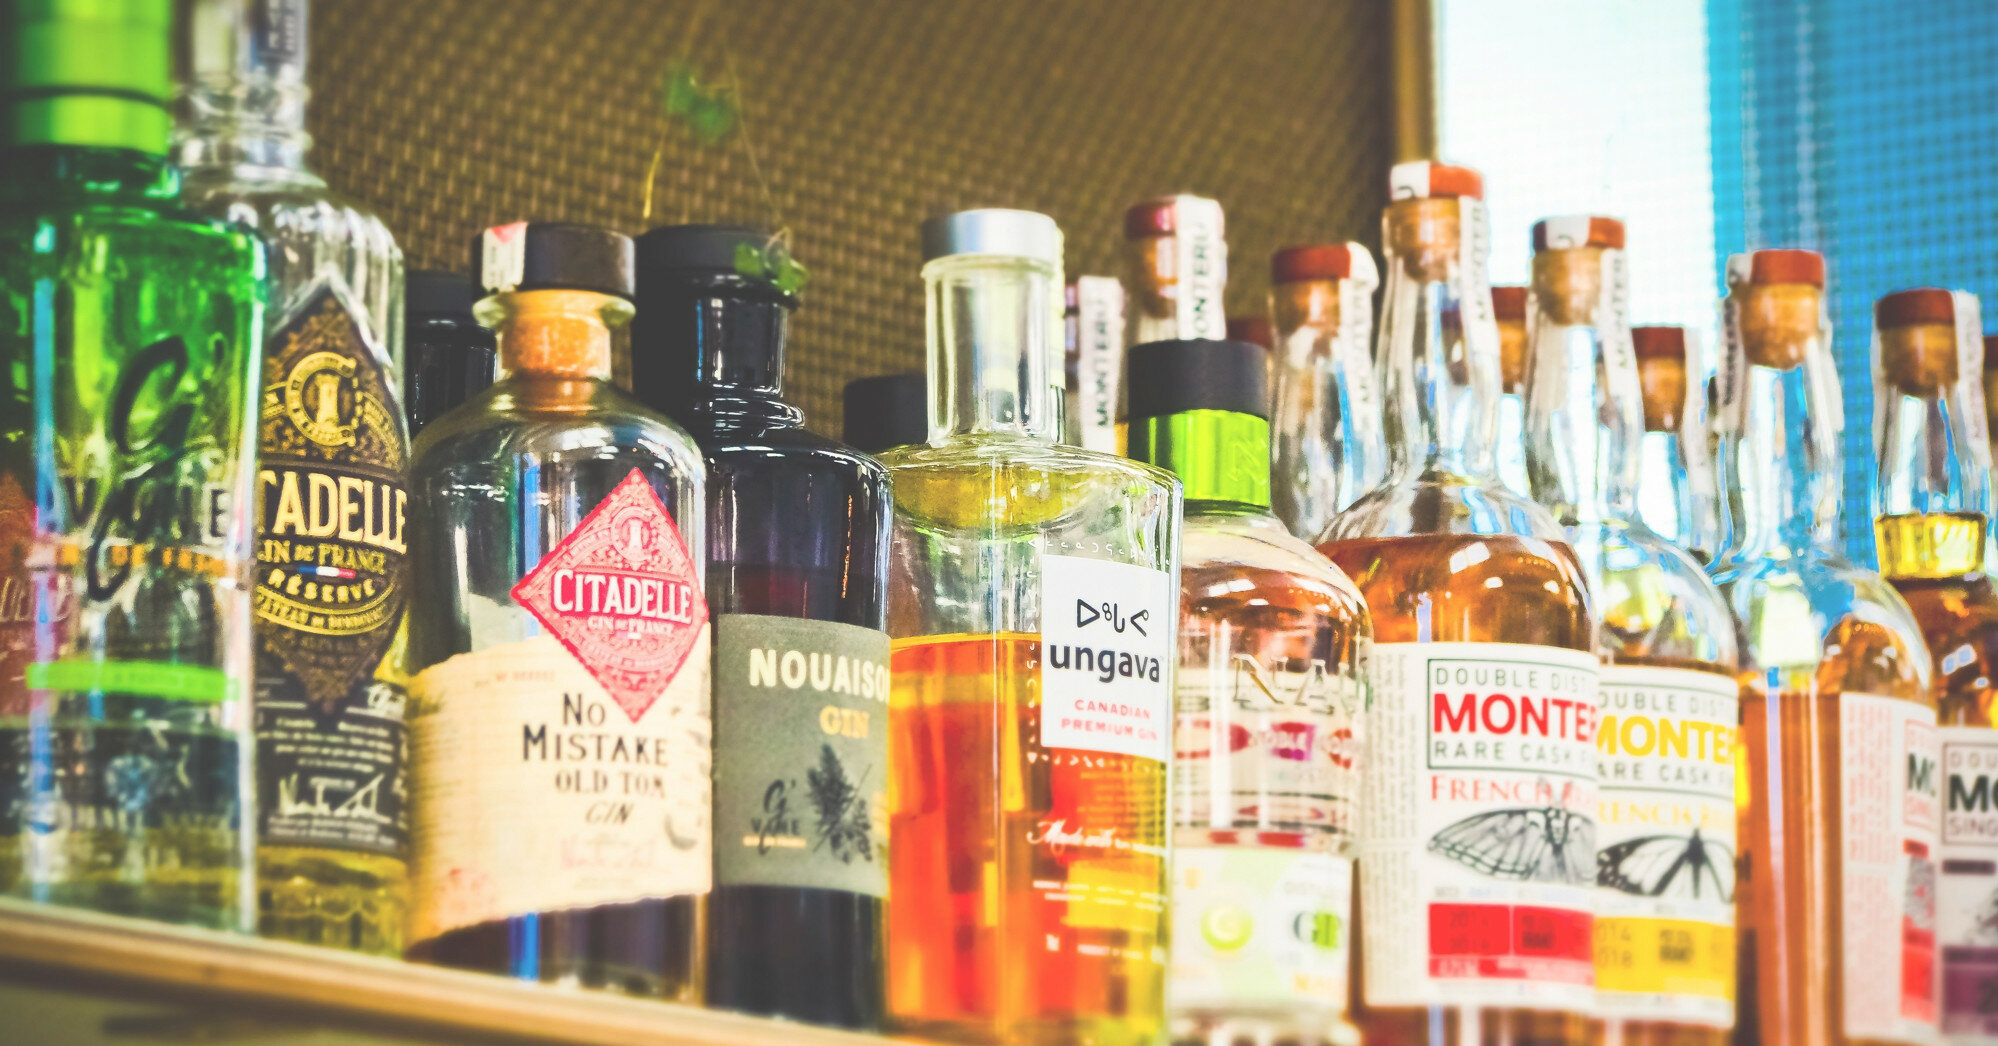 Украинцам продают фальсификат алкоголя: где покупать опаснее всего